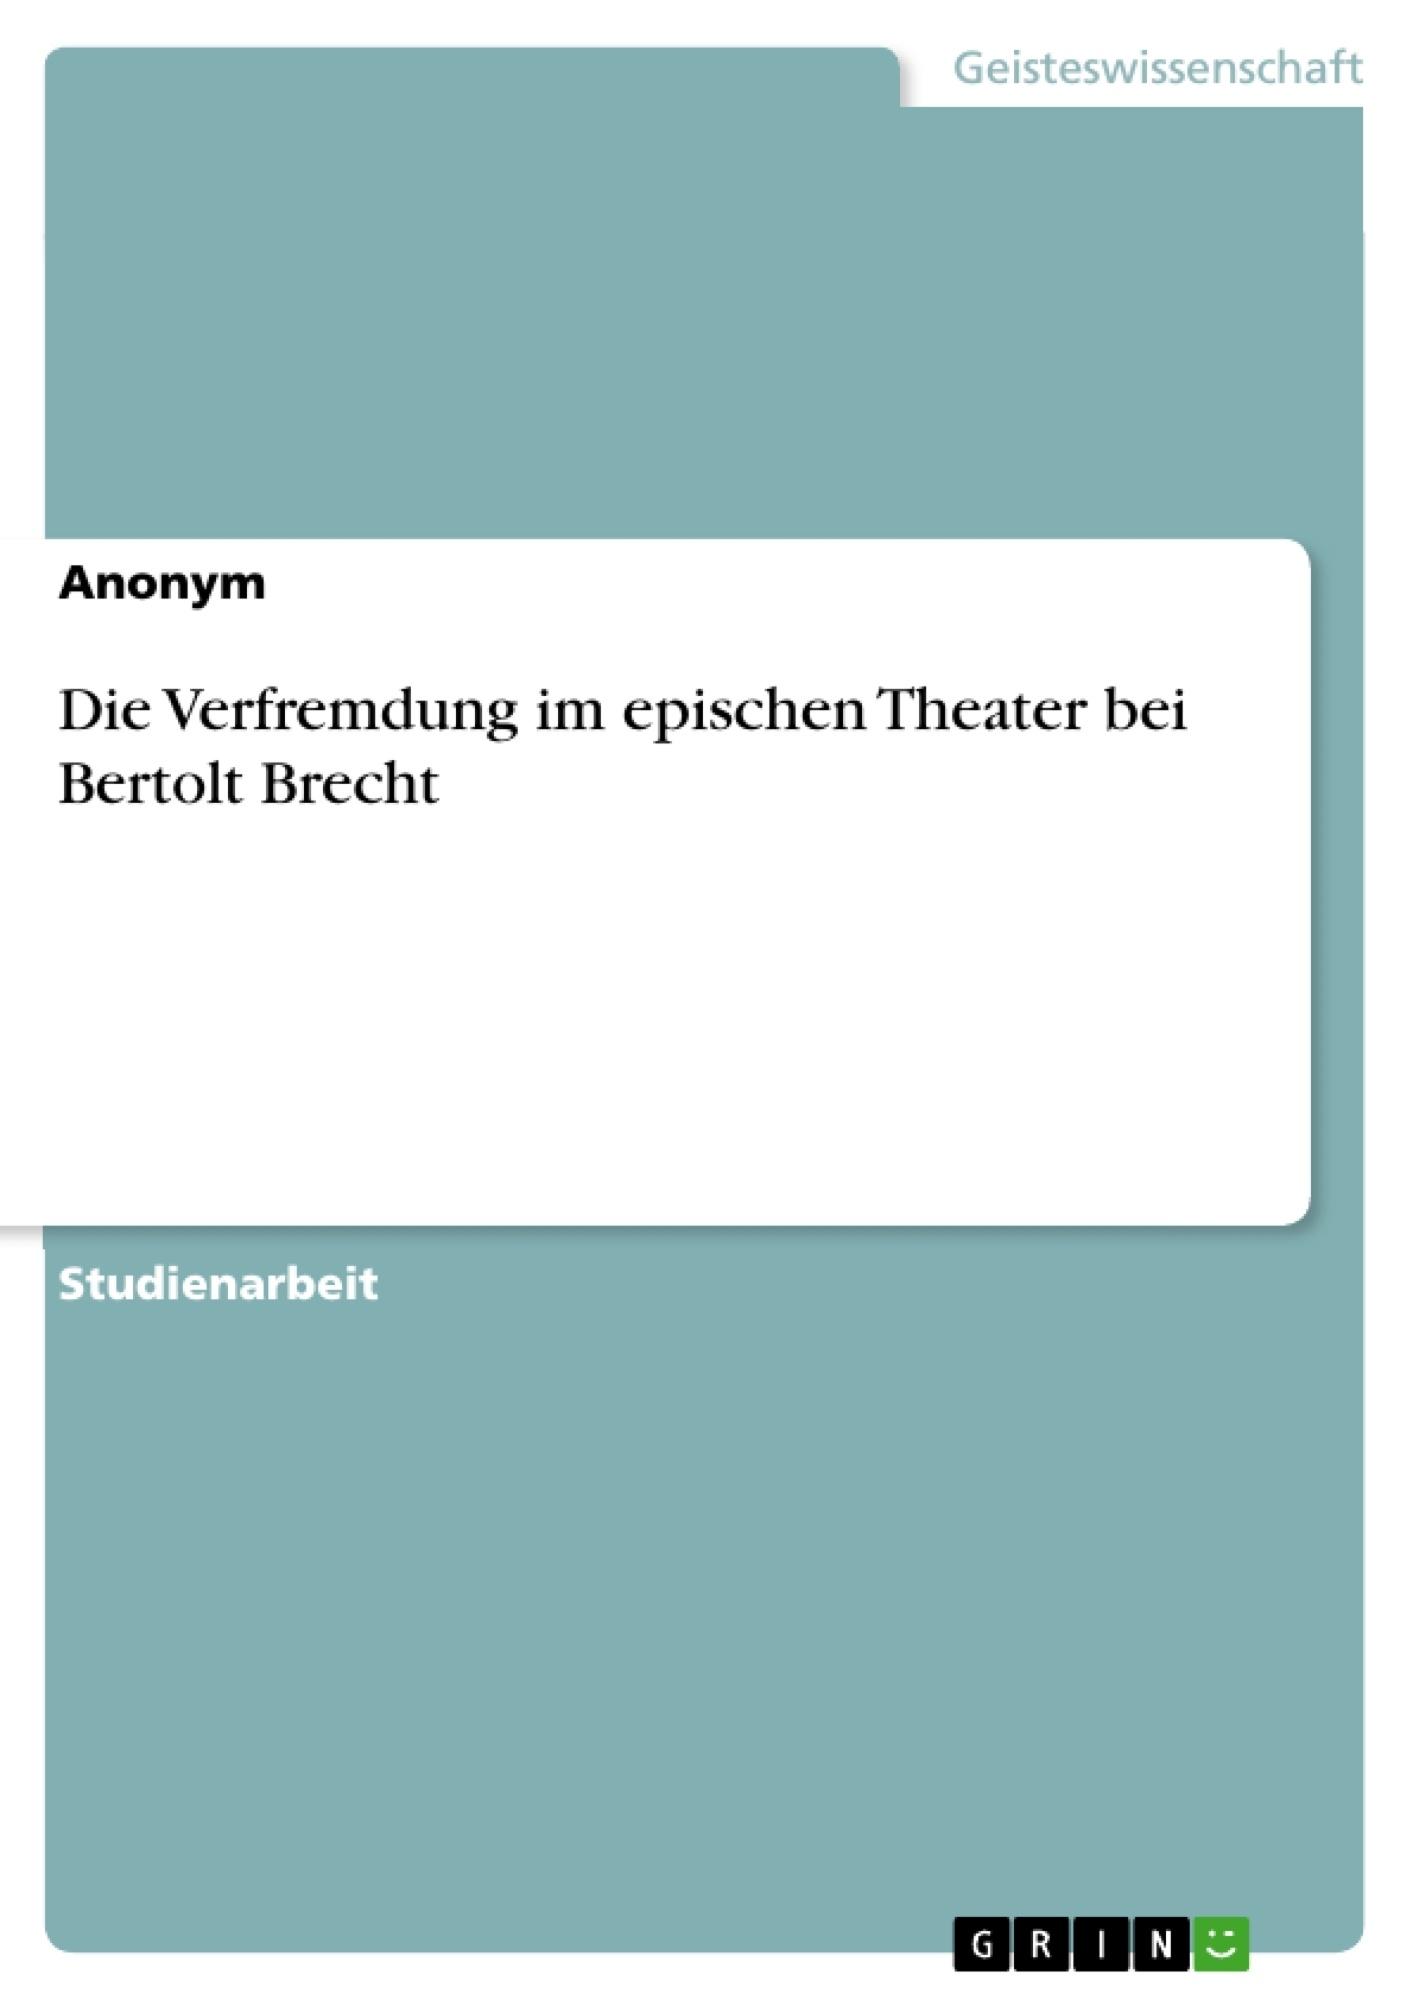 Titel: Die Verfremdung im epischen Theater bei Bertolt Brecht